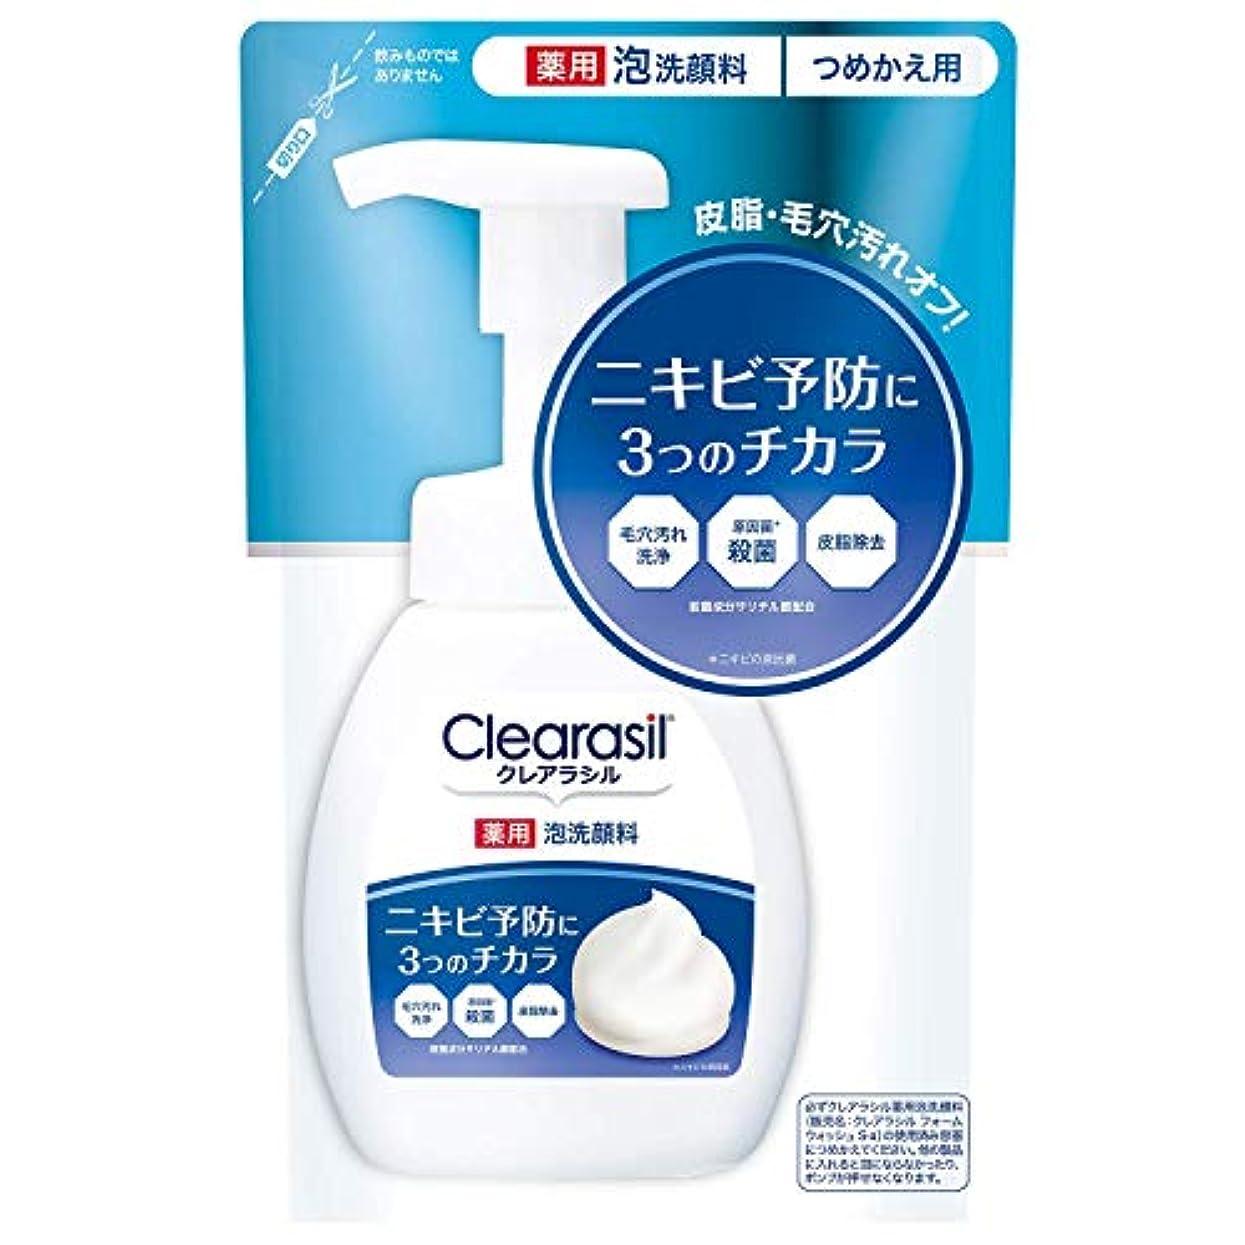 【clearasil】クレアラシル 薬用泡洗顔フォーム10 つめかえ用 (180ml) ×20個セット